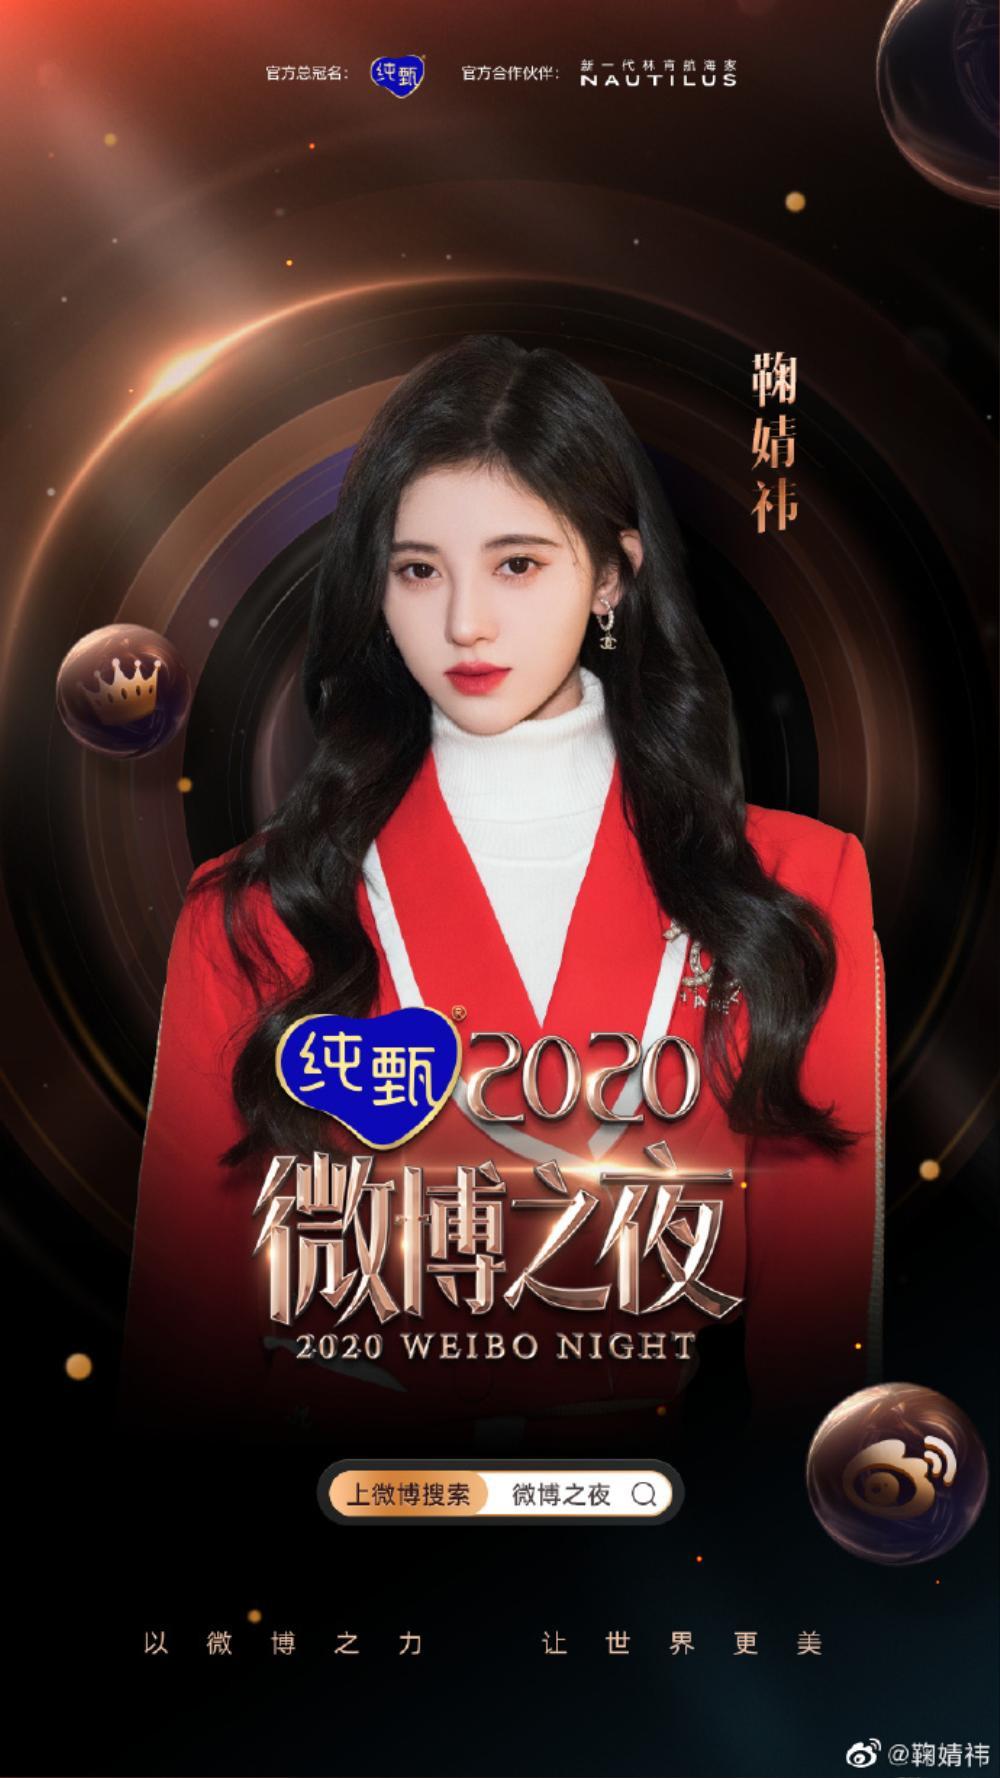 Đinh Chân 'áp đảo' Tiêu Chiến, Hoa Thần Vũ và các sao khác khi được đặc cách trong 'Đêm hội Weibo' Ảnh 2